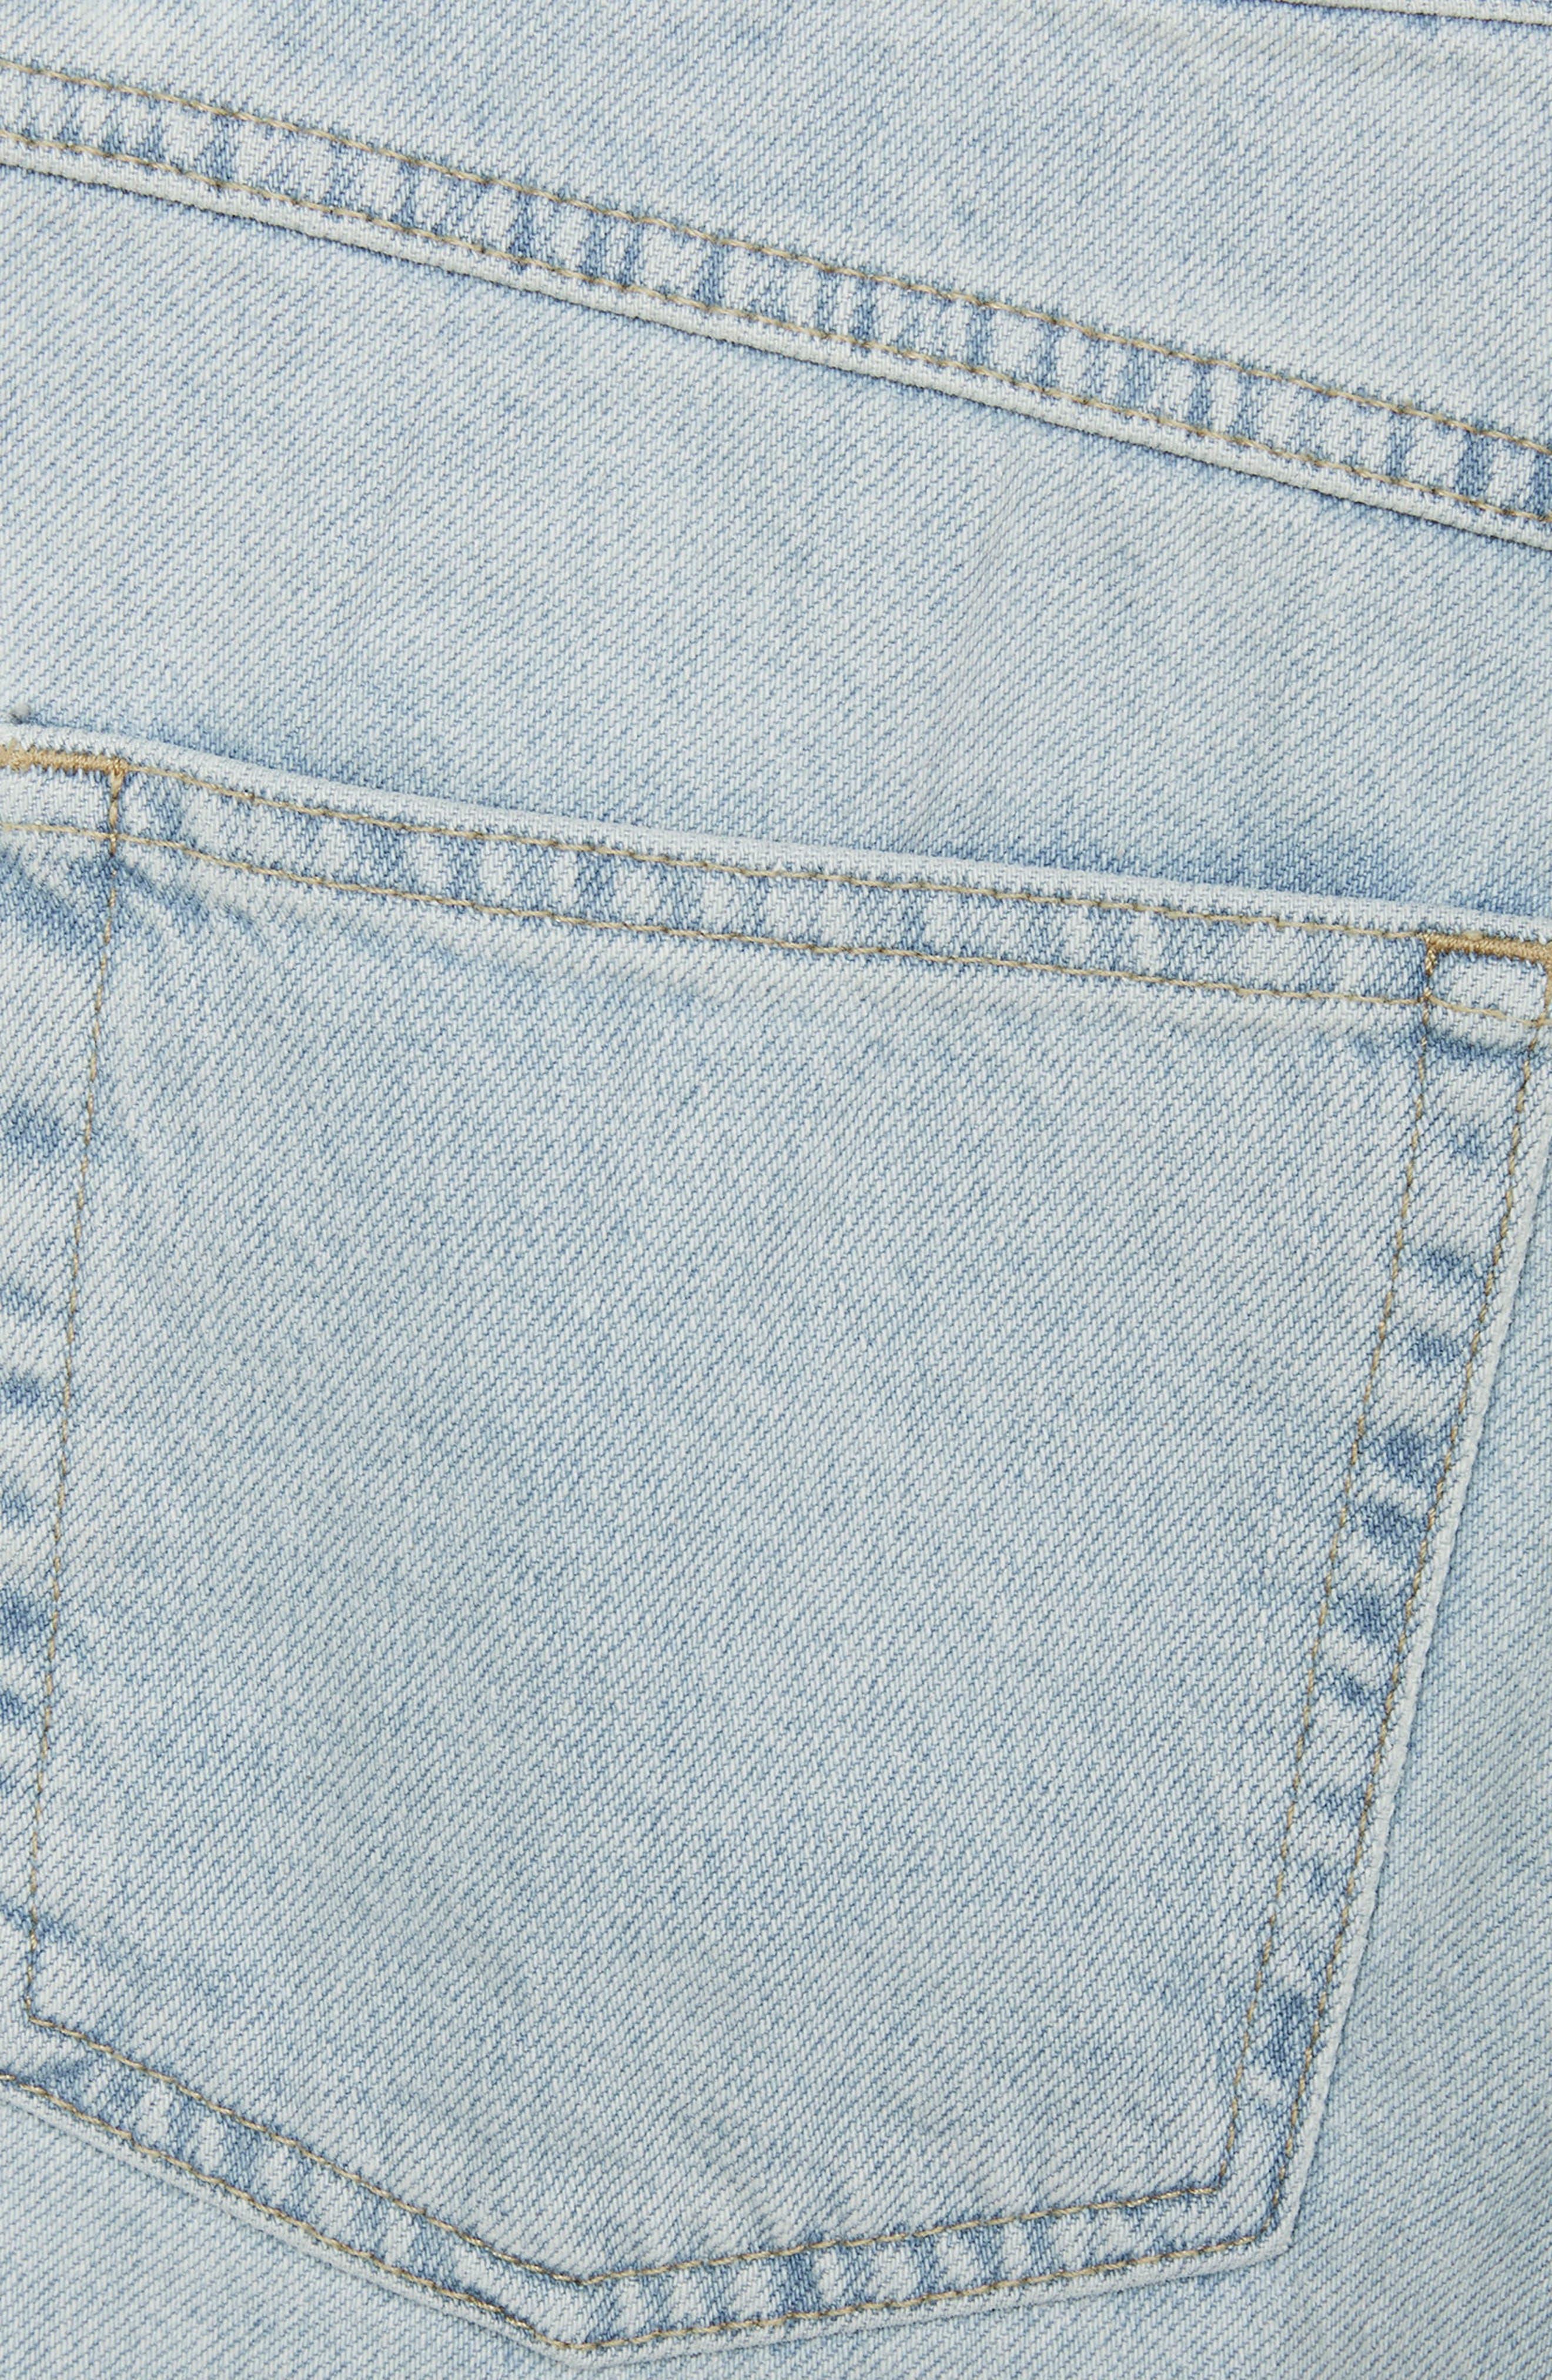 Boutique Bleach Denim Jeans,                             Alternate thumbnail 2, color,